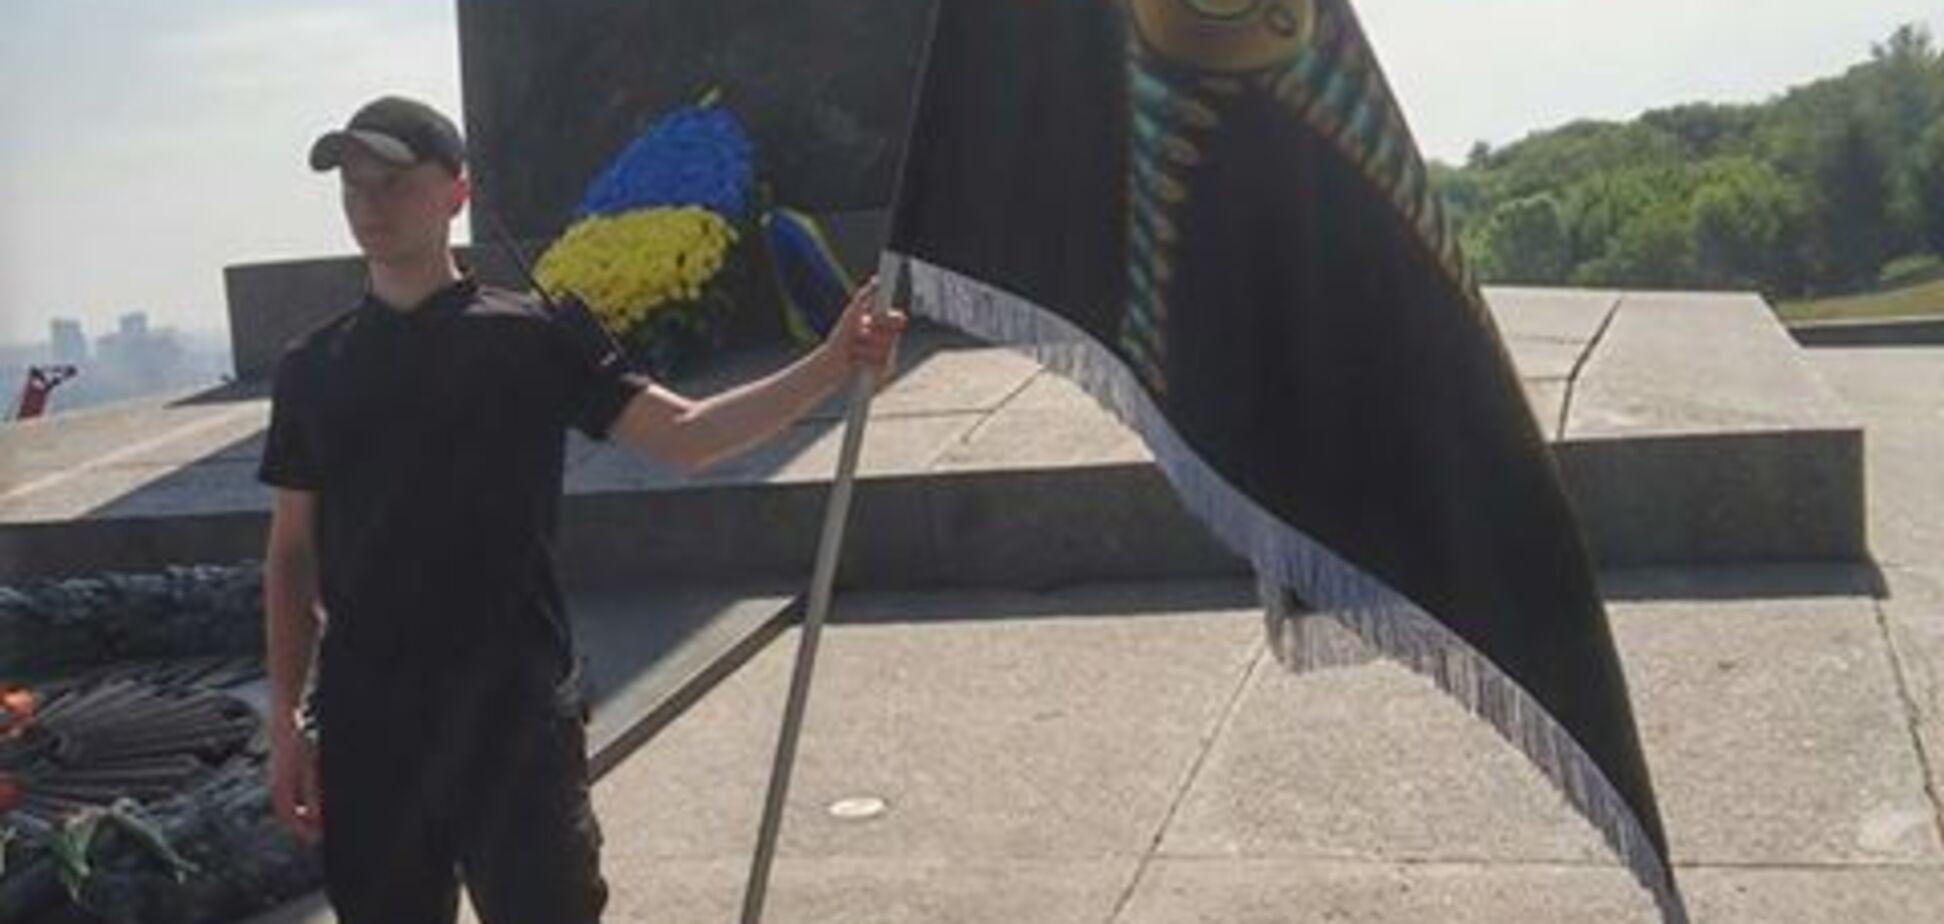 Вічний вогонь у центрі Києва 08.05.2018 охороняють дві молоді людини з прапорами